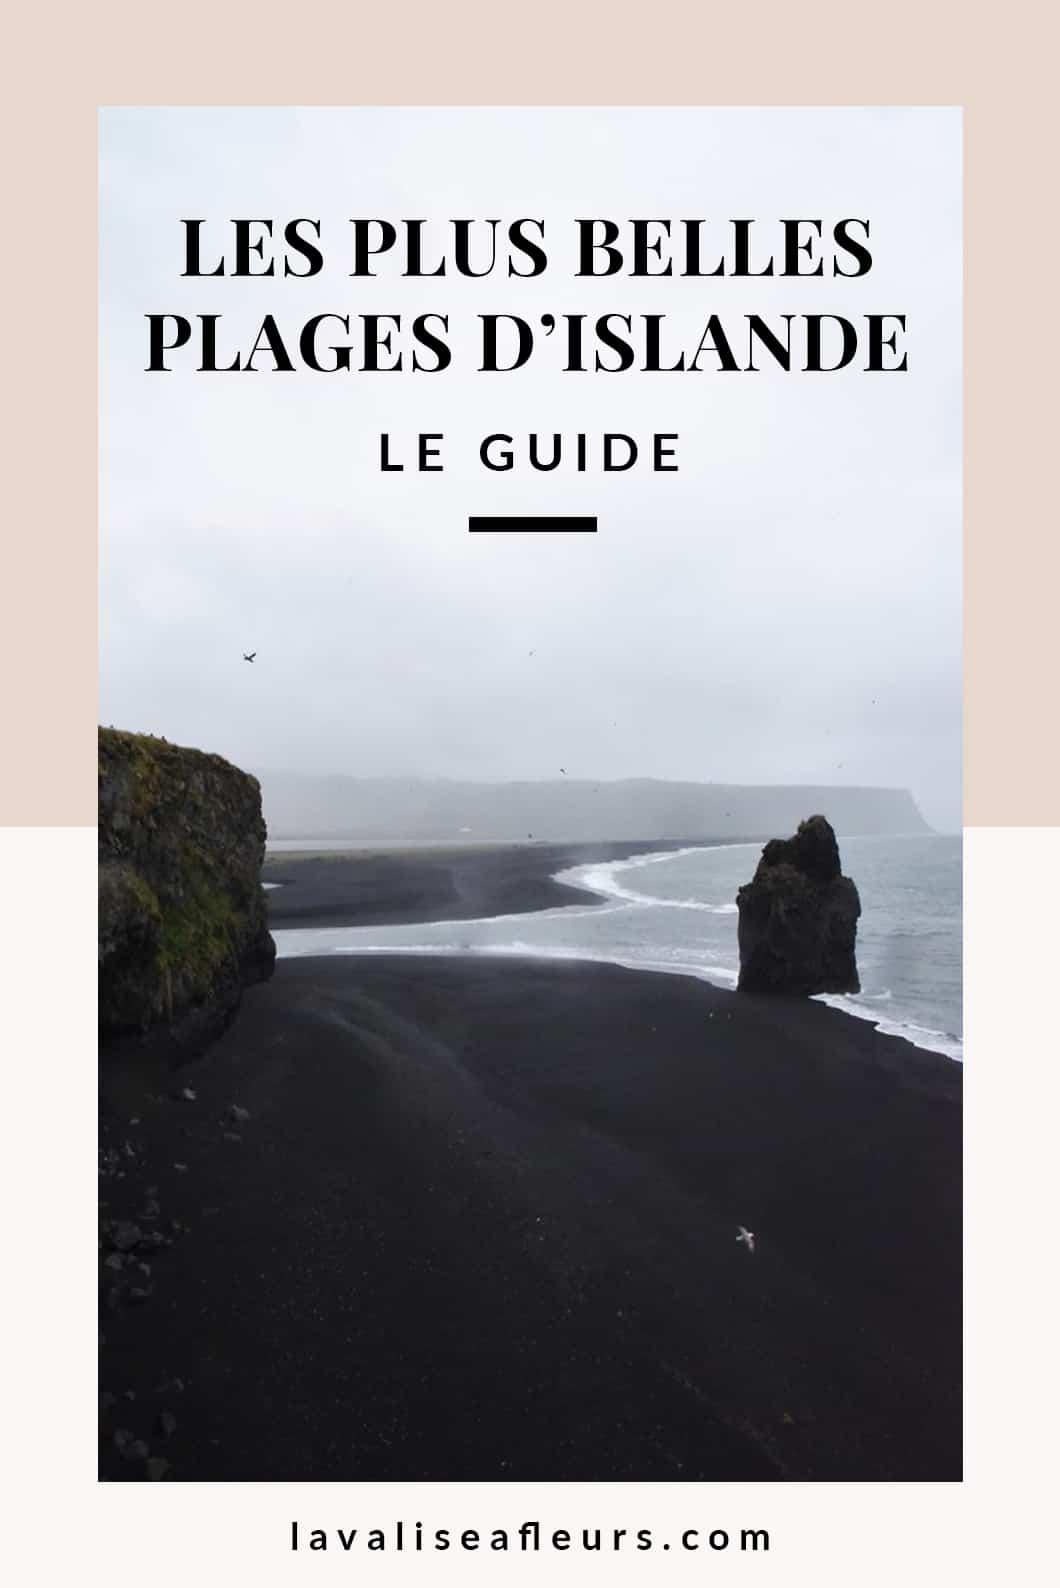 Les plus belles plages d'Islande